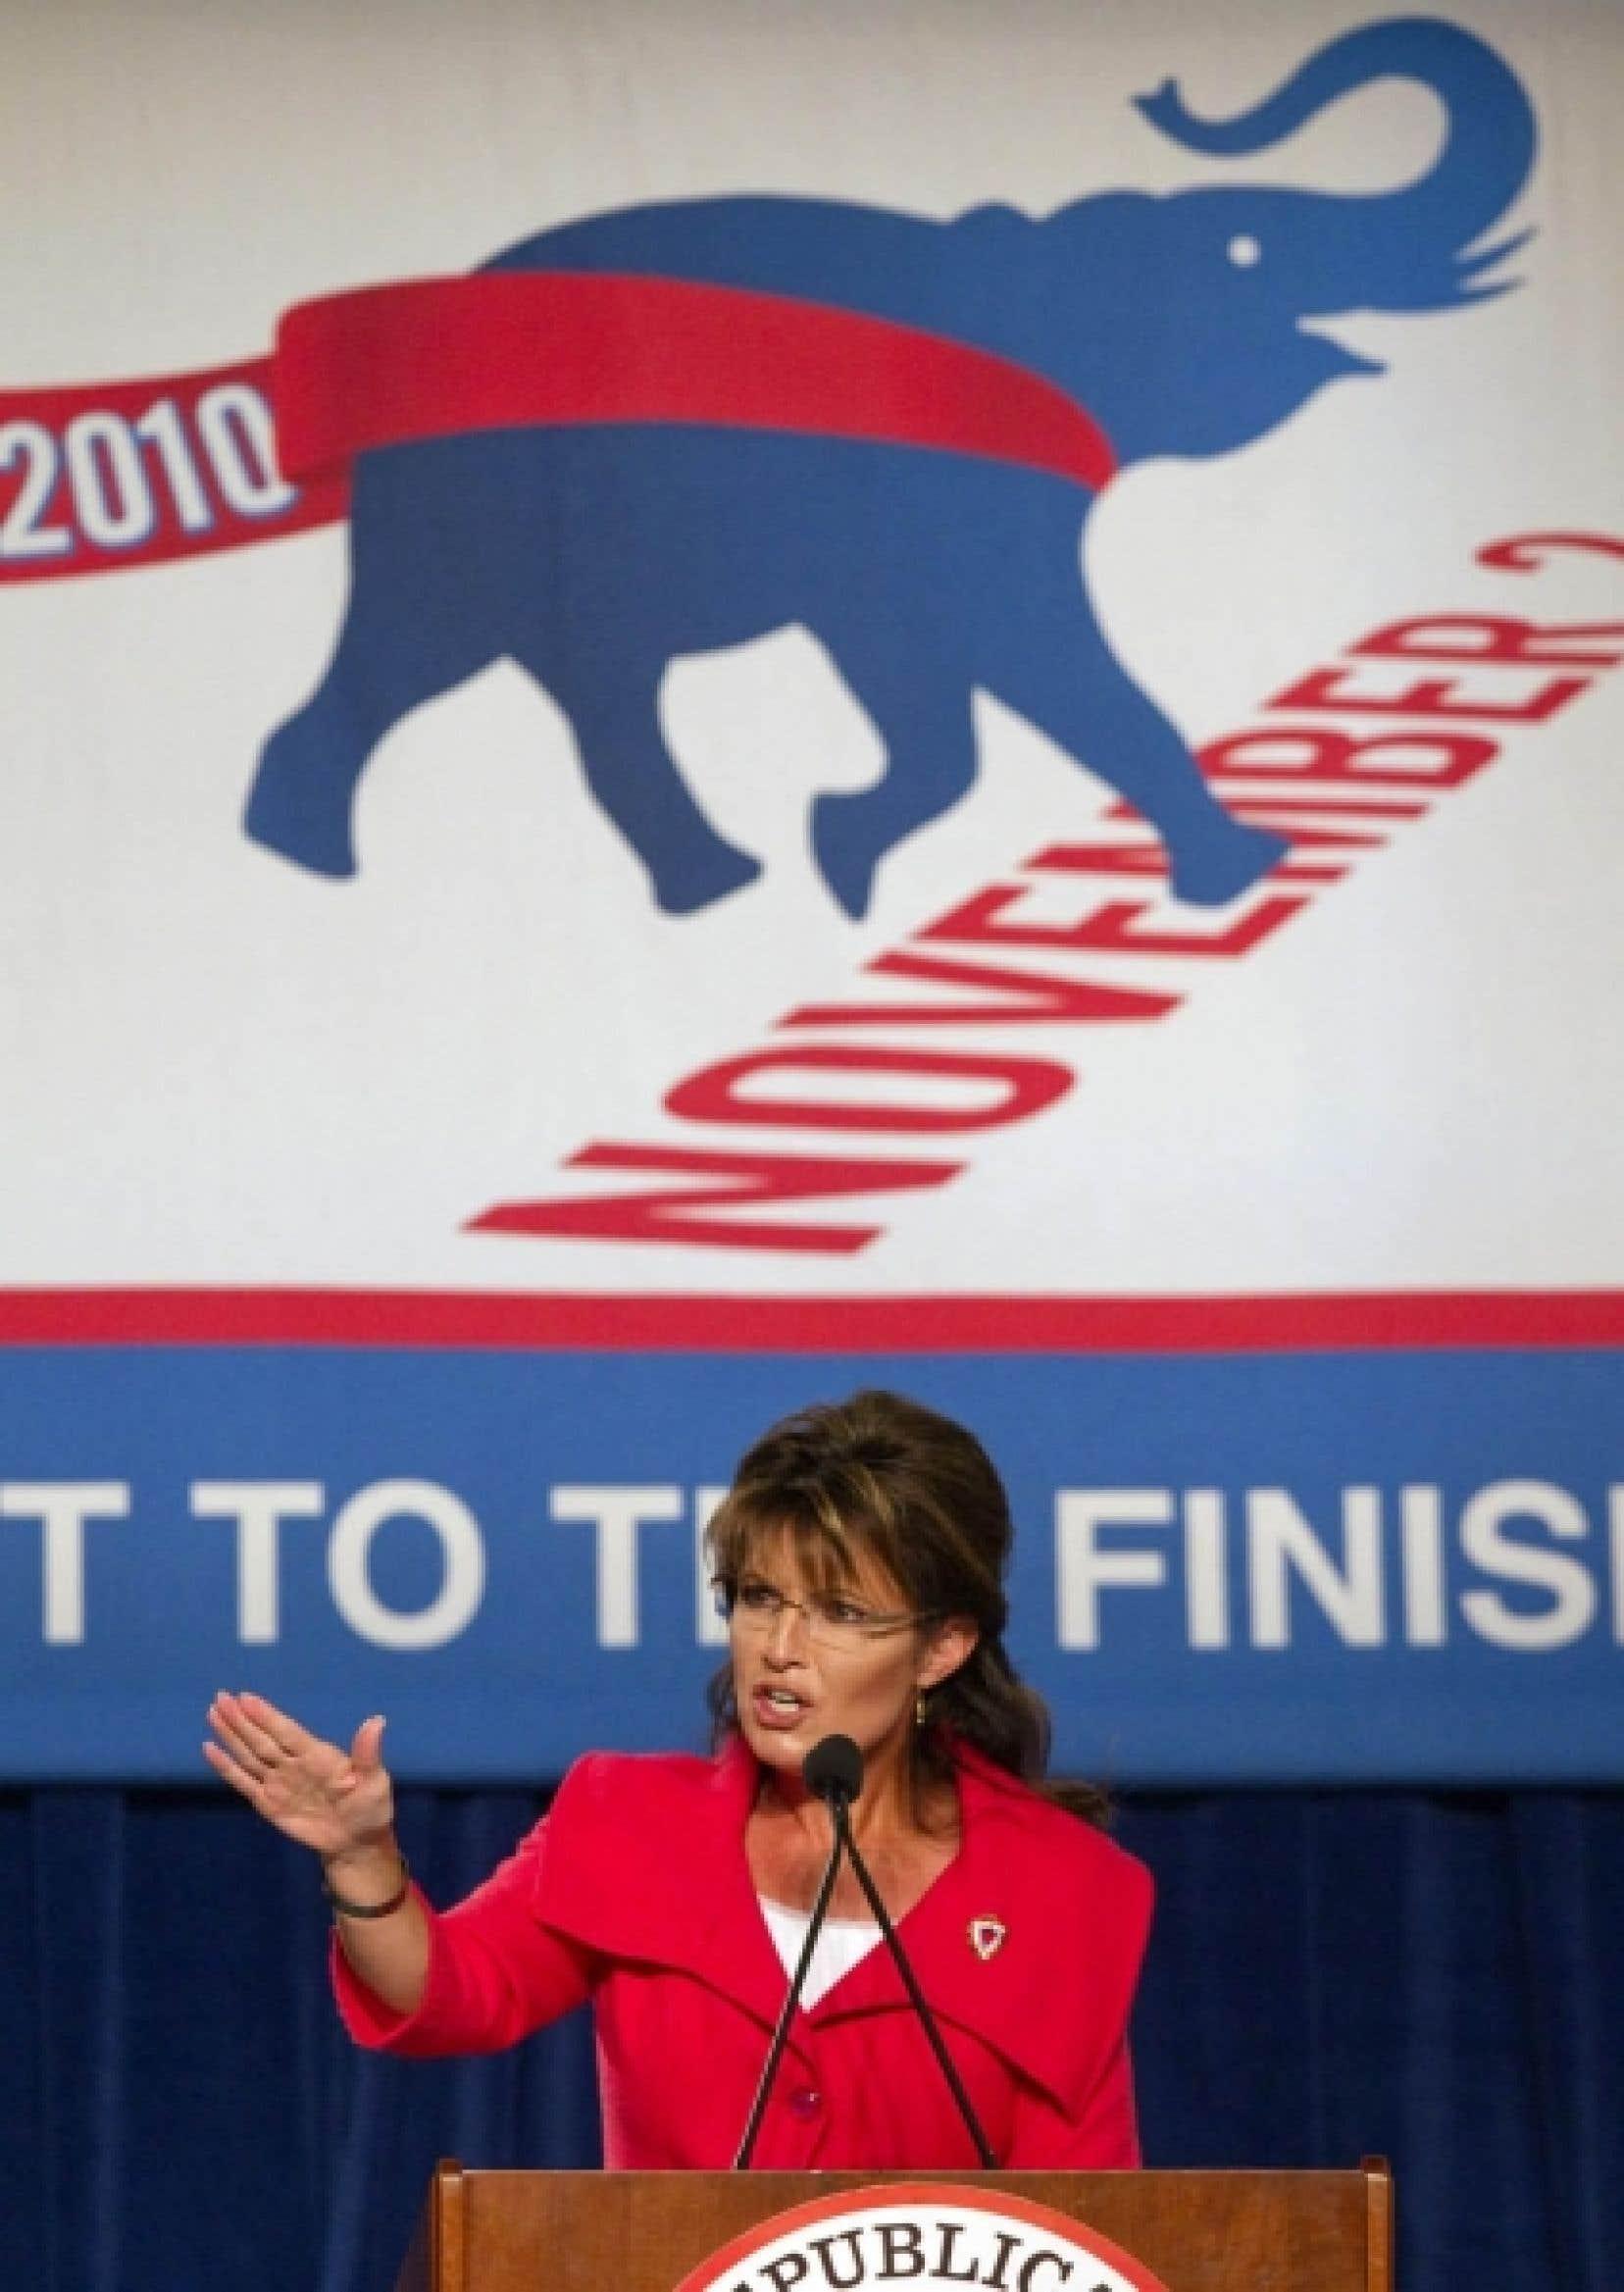 Sarah Palin samedi lors d'une campagne de financement à Orlando, en Floride.<br />